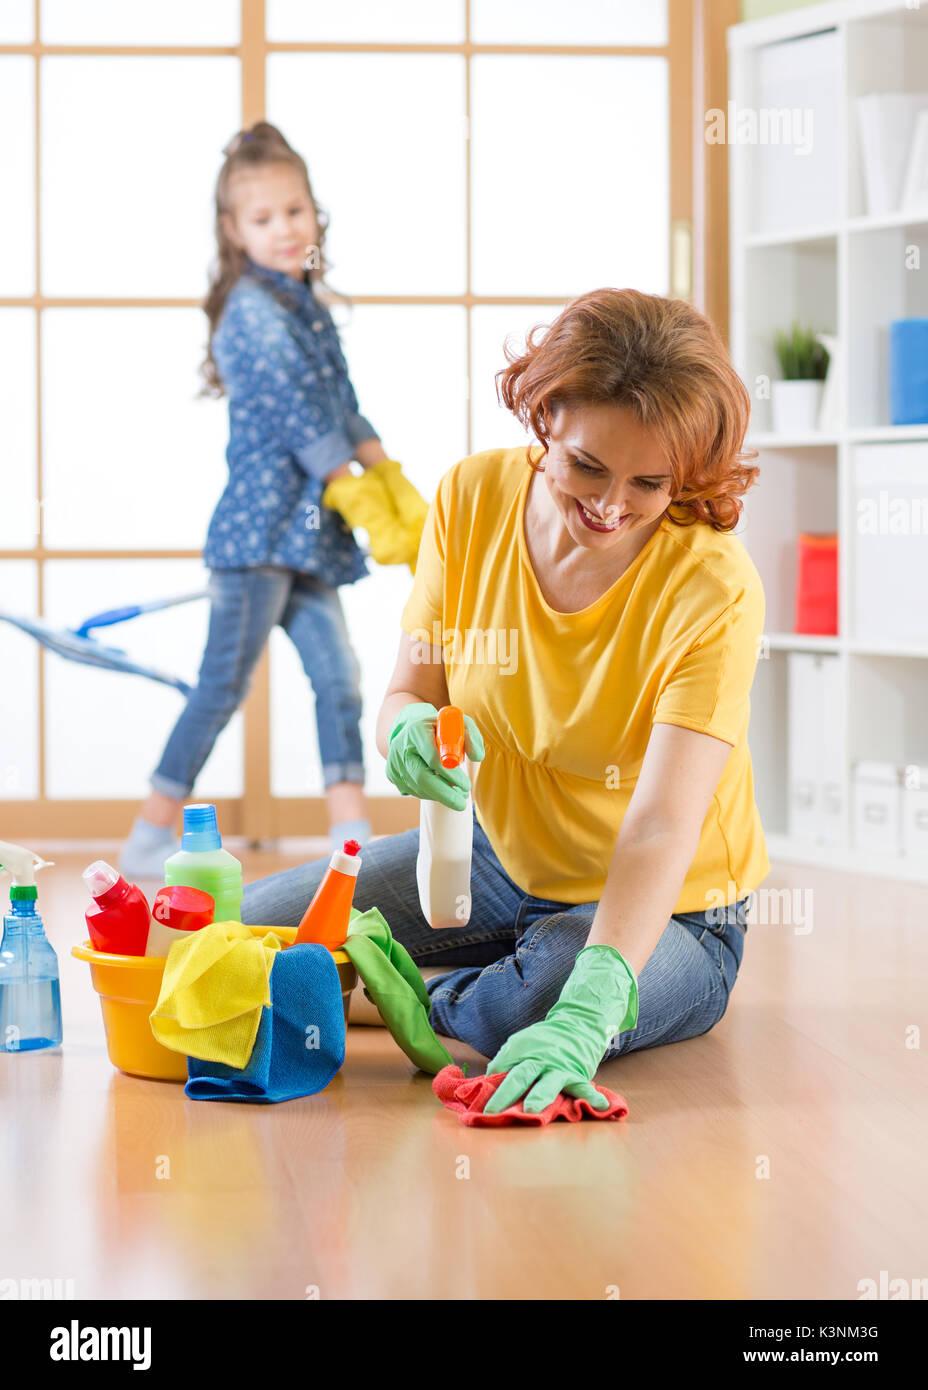 La famiglia felice pulisce la camera. Madre e figlia fare pulizia in casa. Immagini Stock